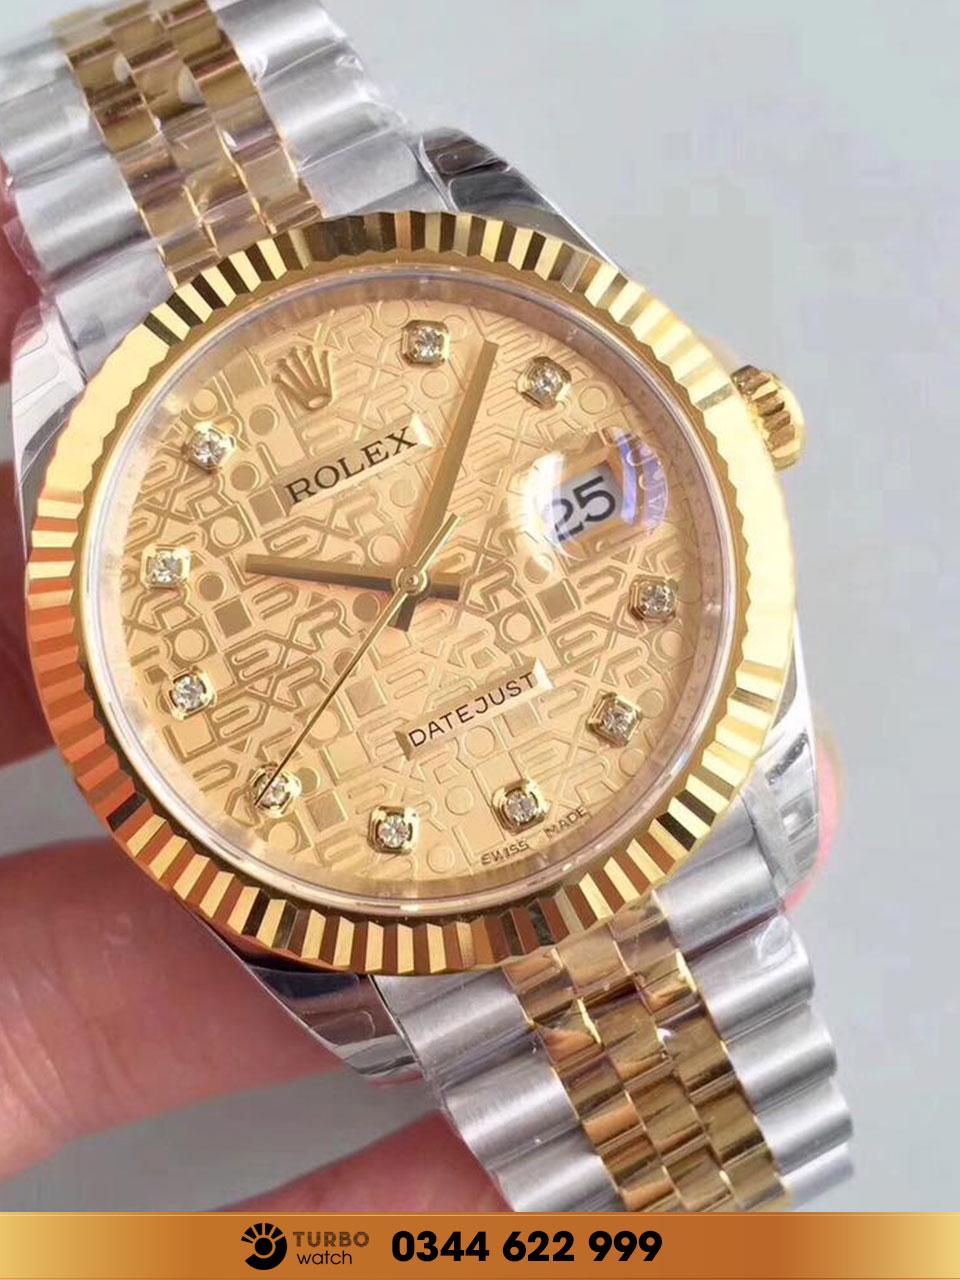 Đặc trưng của Rolex là logo được thiết kế giống một chiếc vương miện